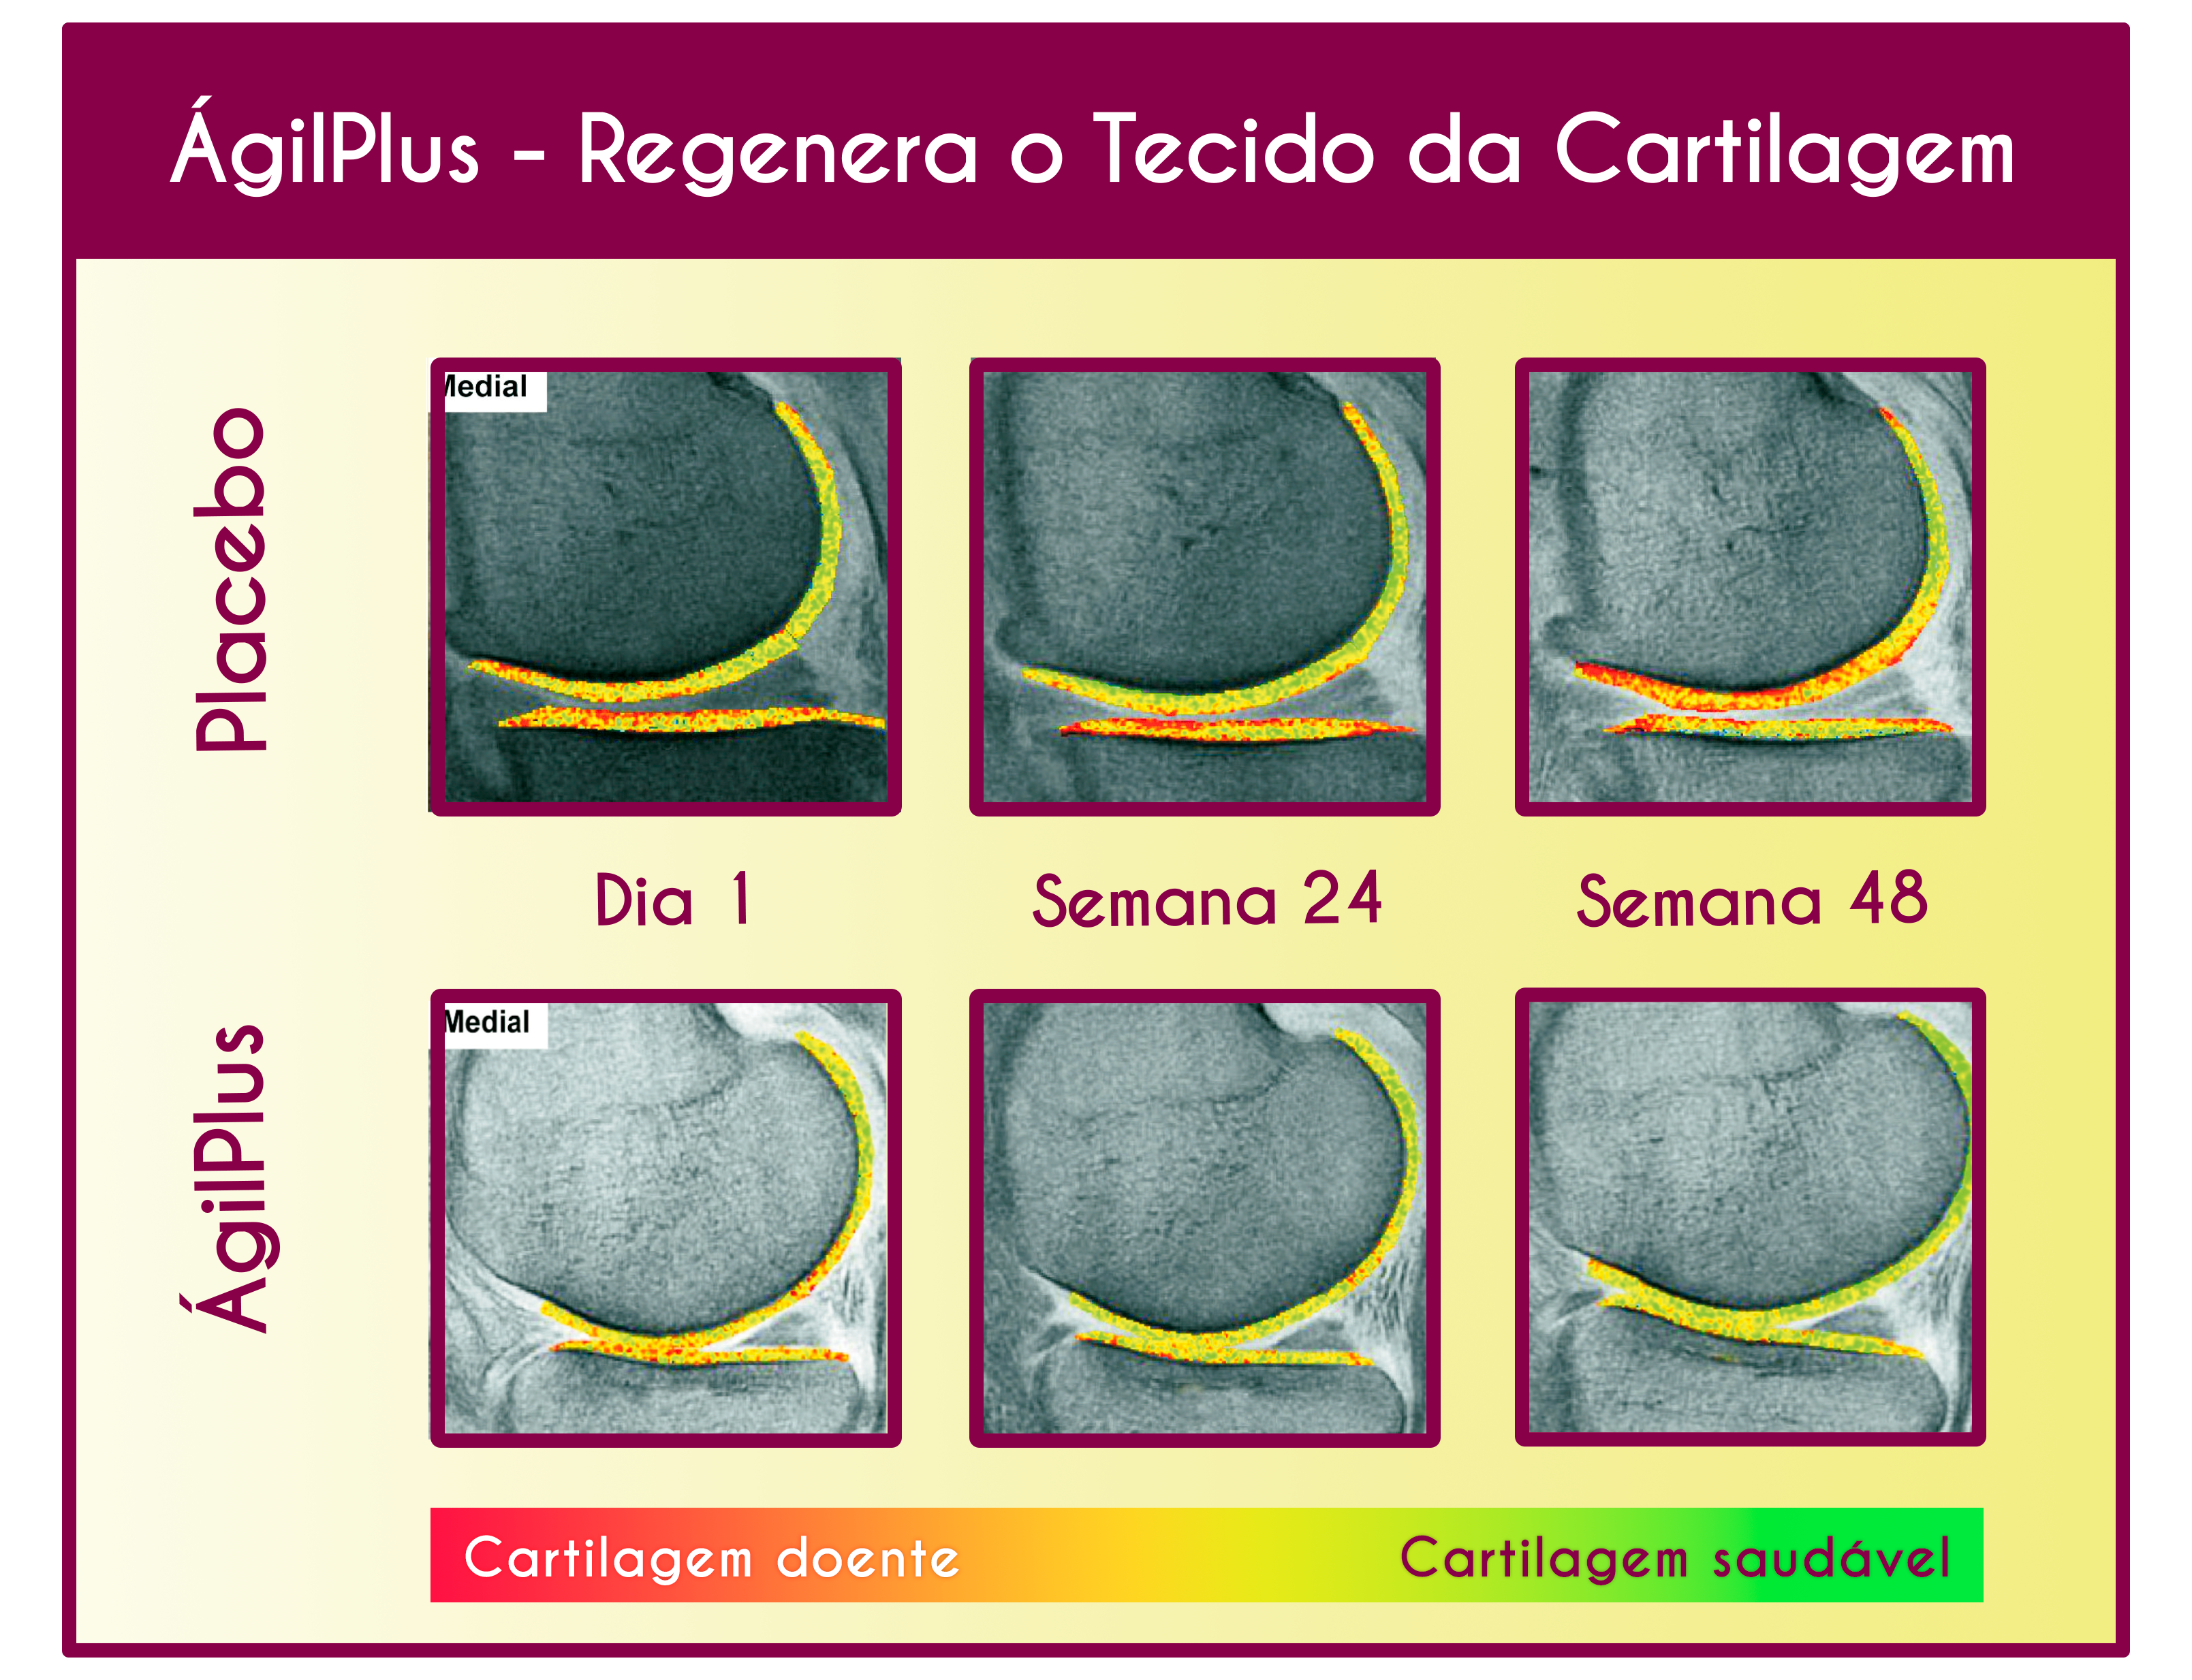 comparativo com escala de cor deregeneração do tecido com agilplus e sem agilplus